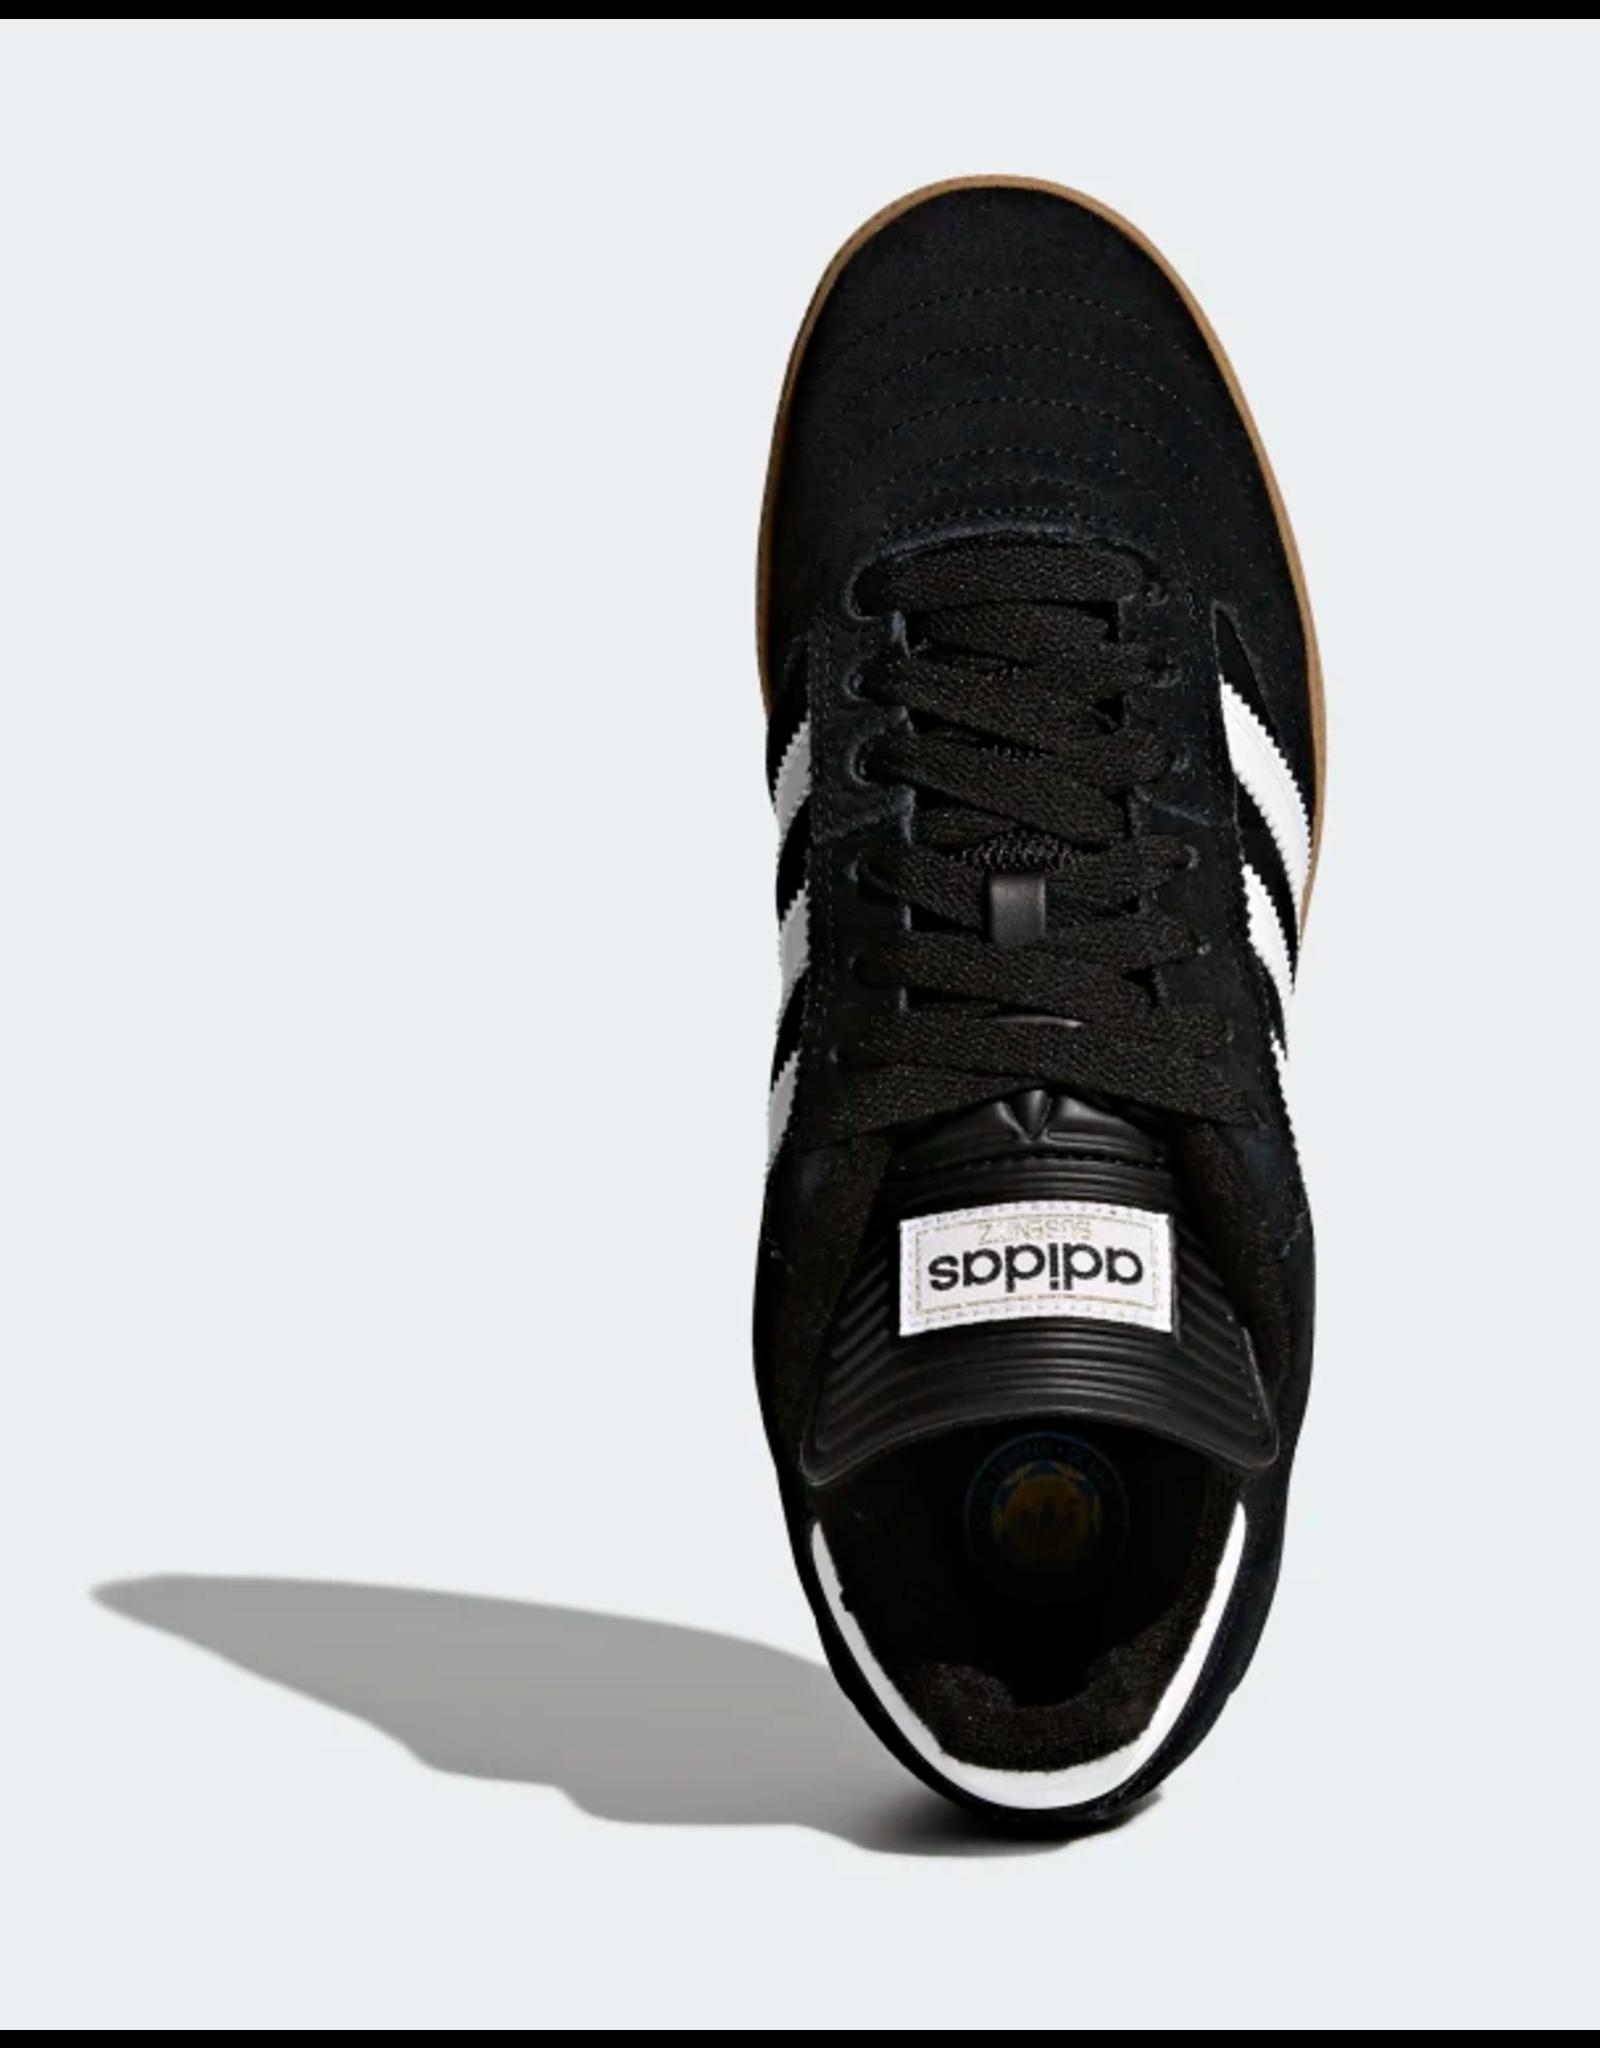 Adidas Busenitz Pro - Black/ Gum/ White